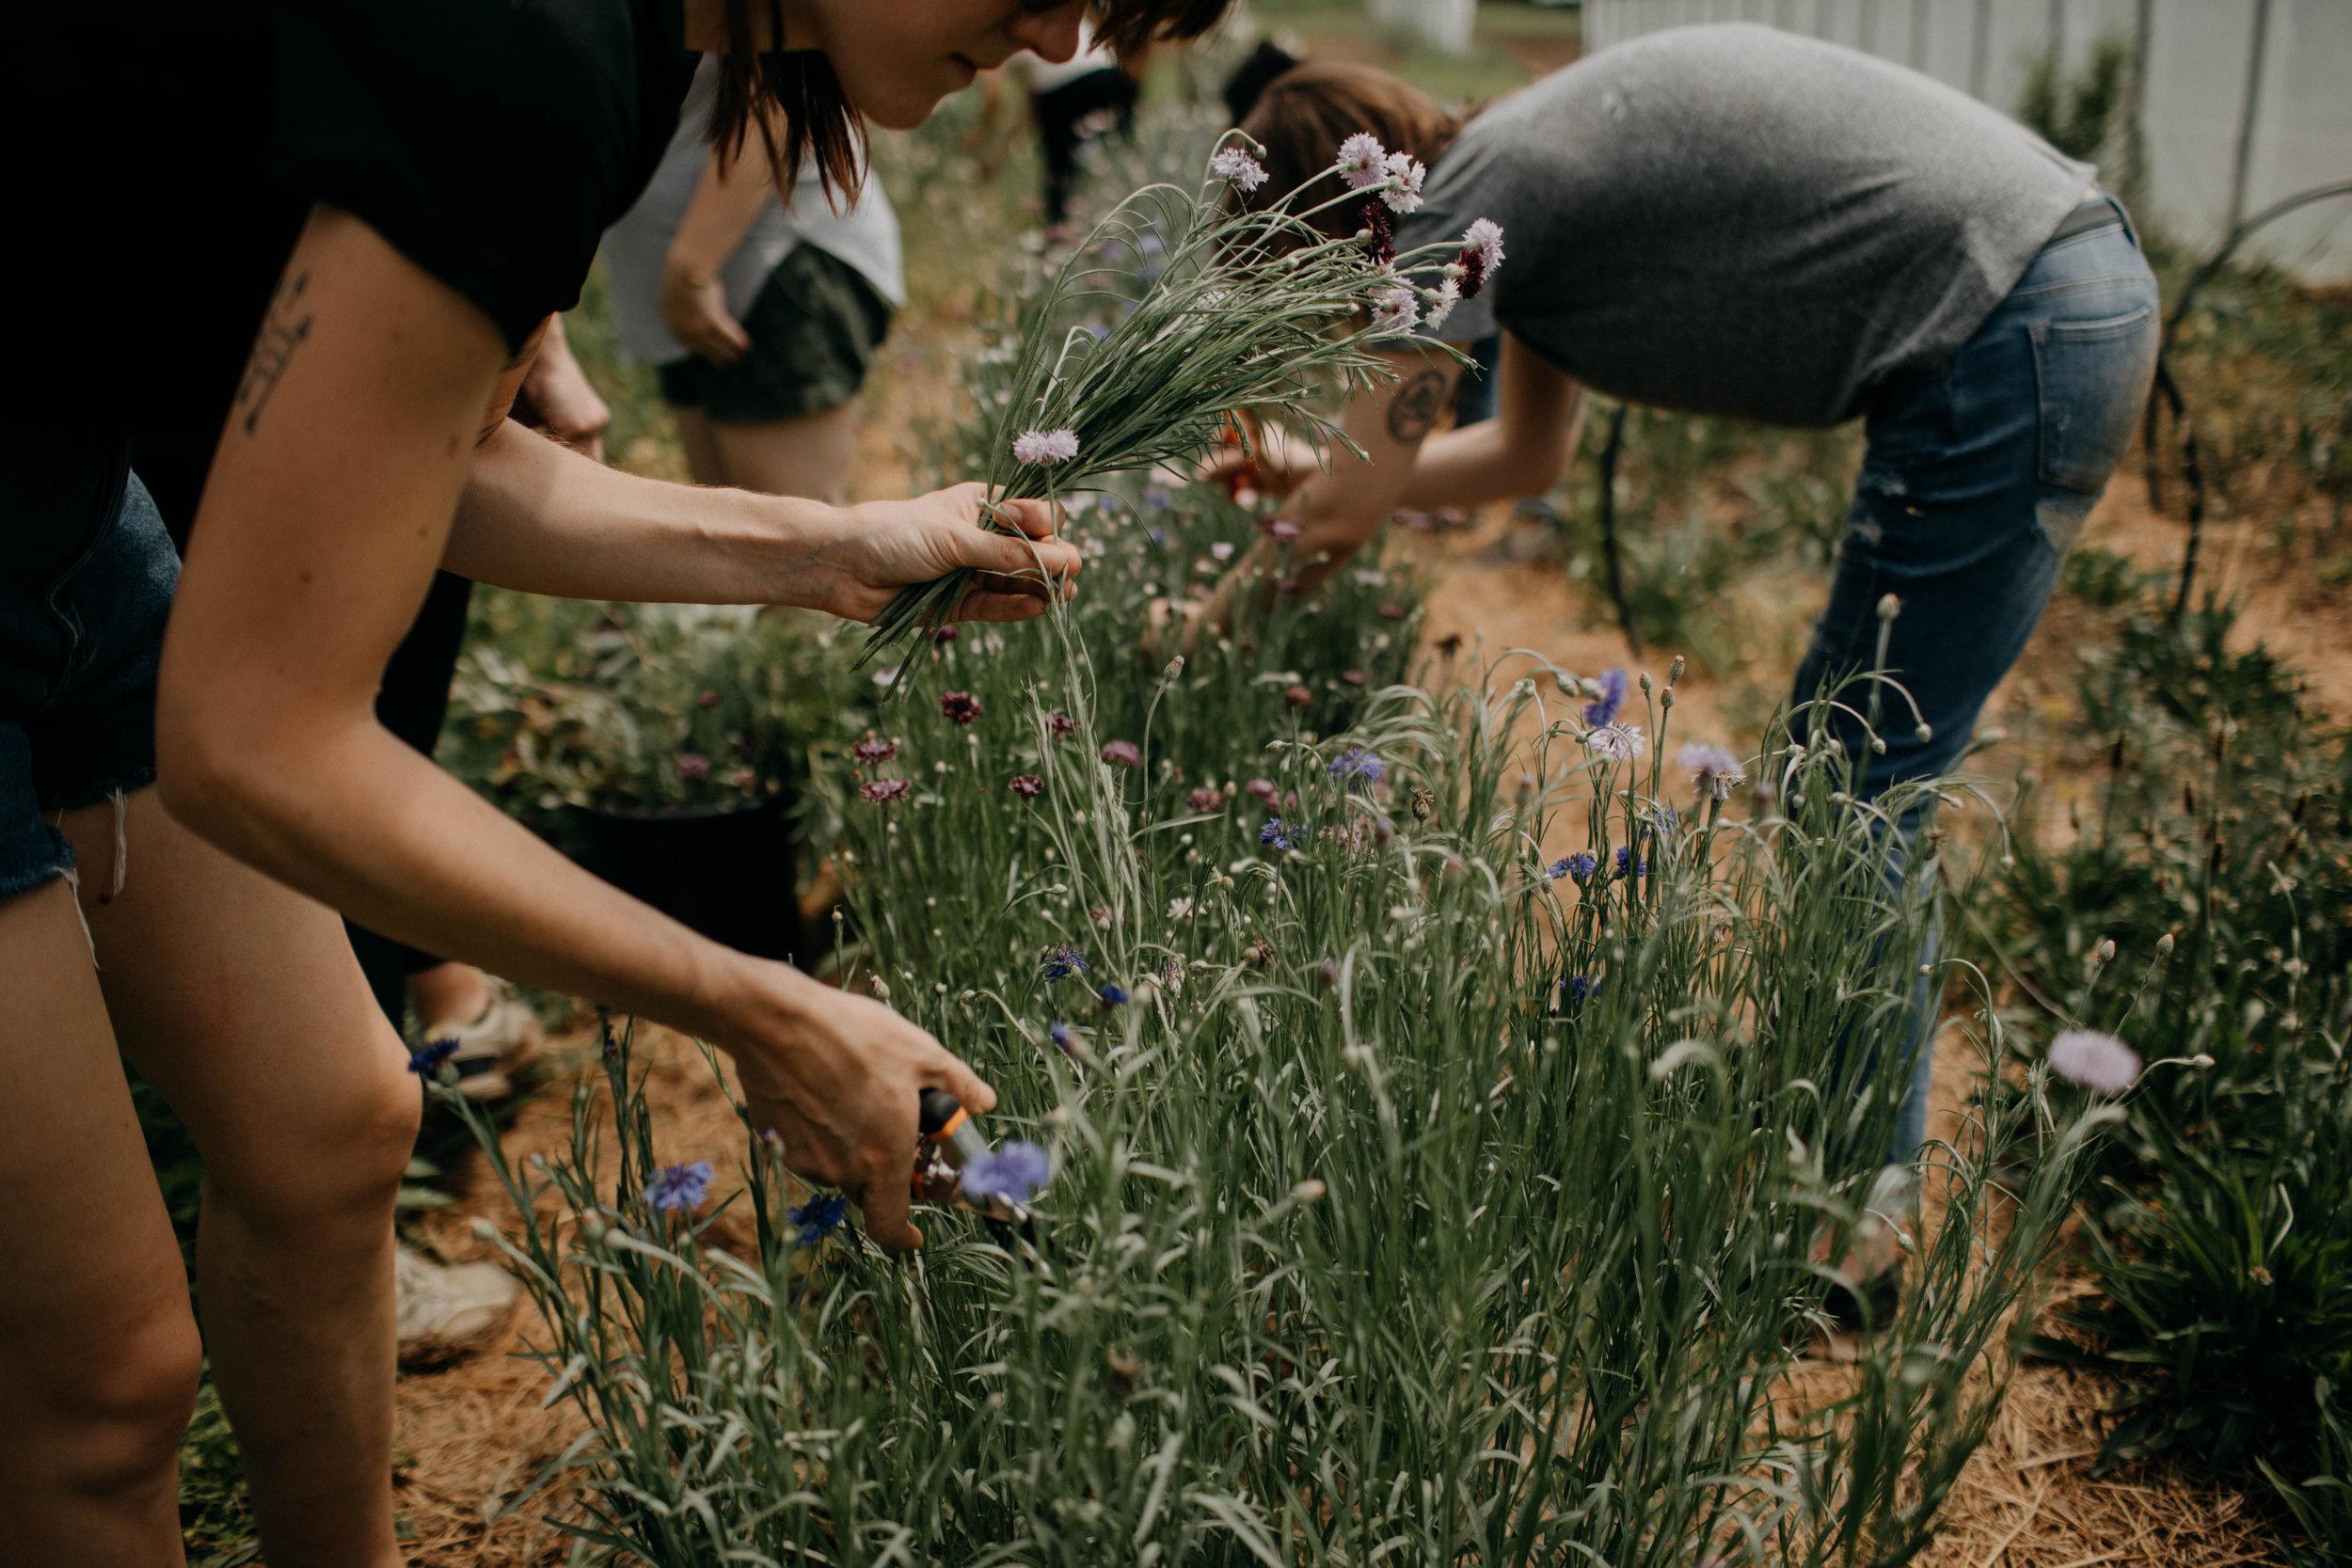 nashville floral workshop nashville tennessee wedding photographer23.jpg